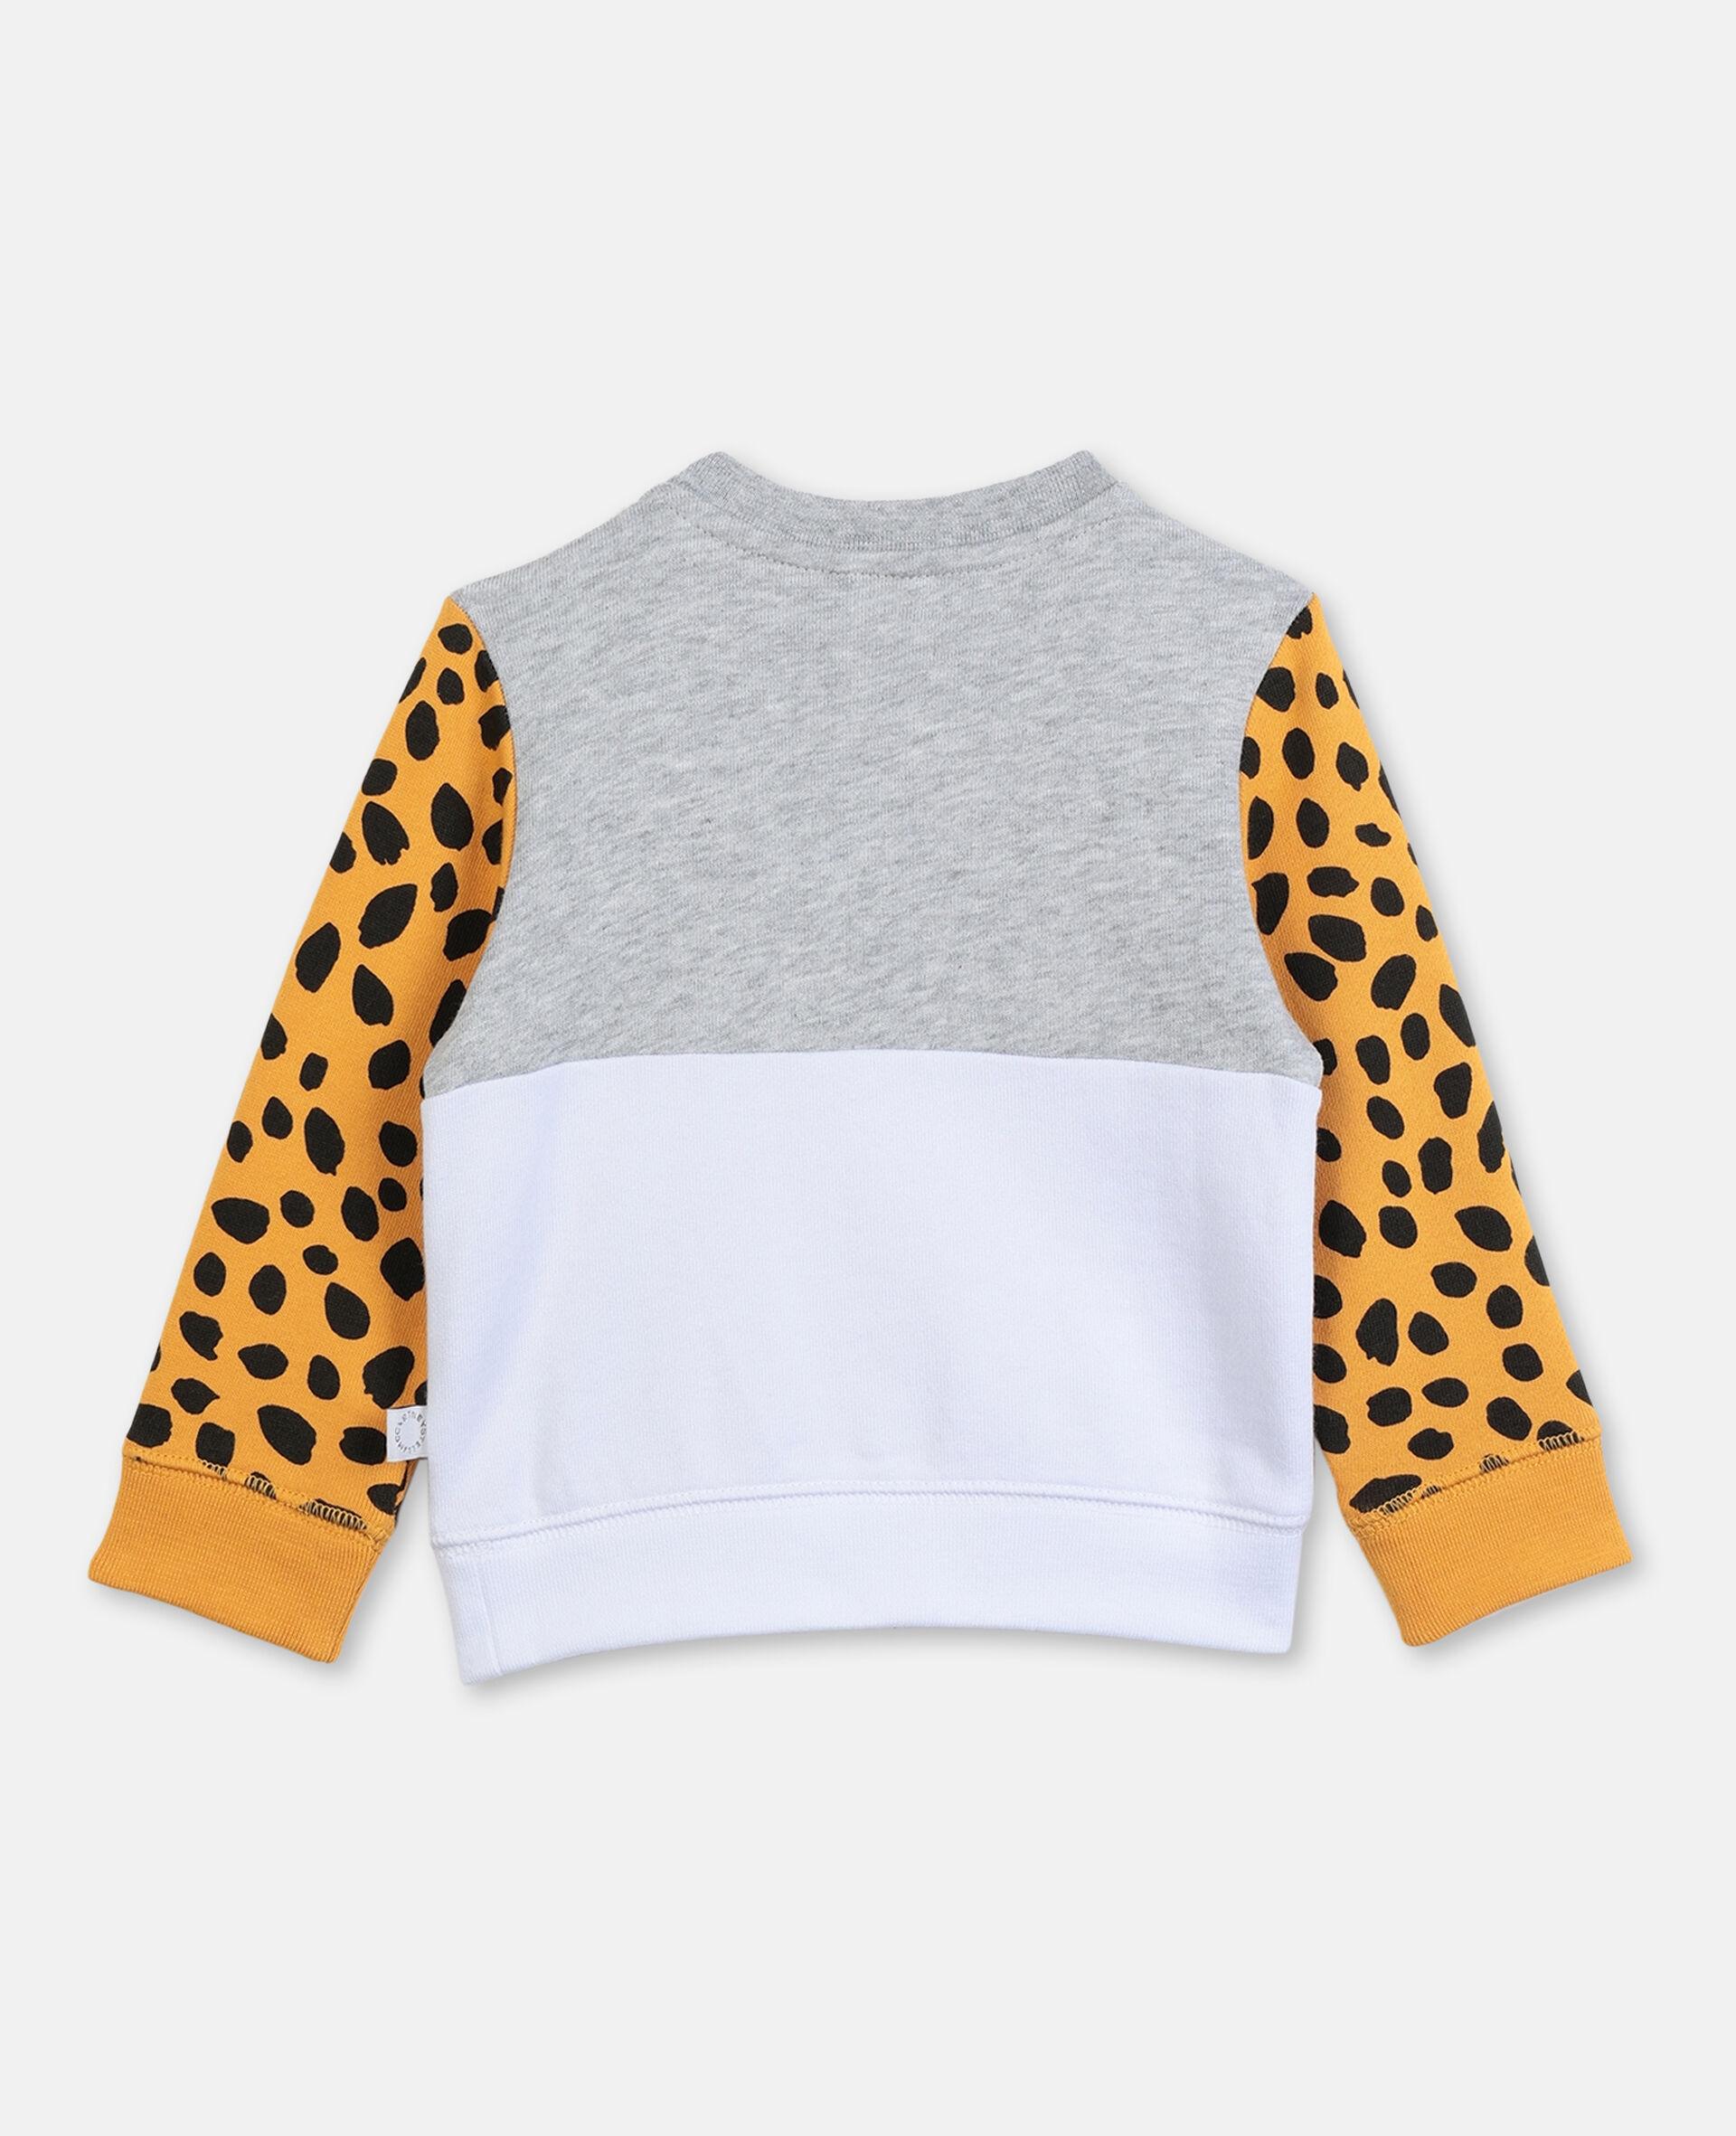 Tiger Cotton Sweatshirt-Grey-large image number 3